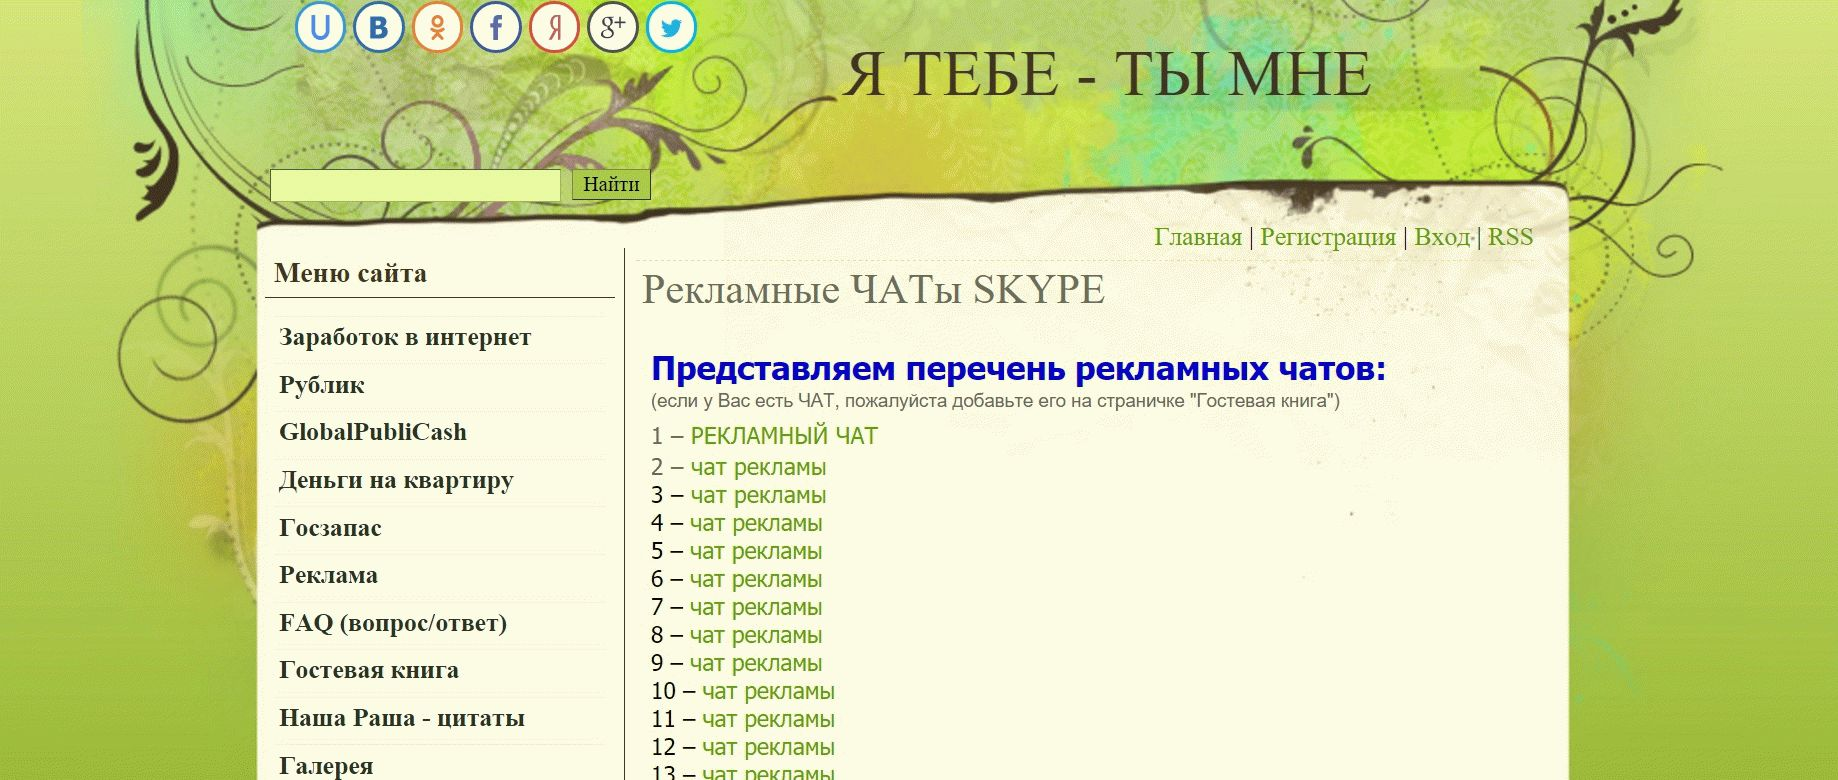 Выбор рекламных чатов для скайпа на сайте Я тебе - ты мне